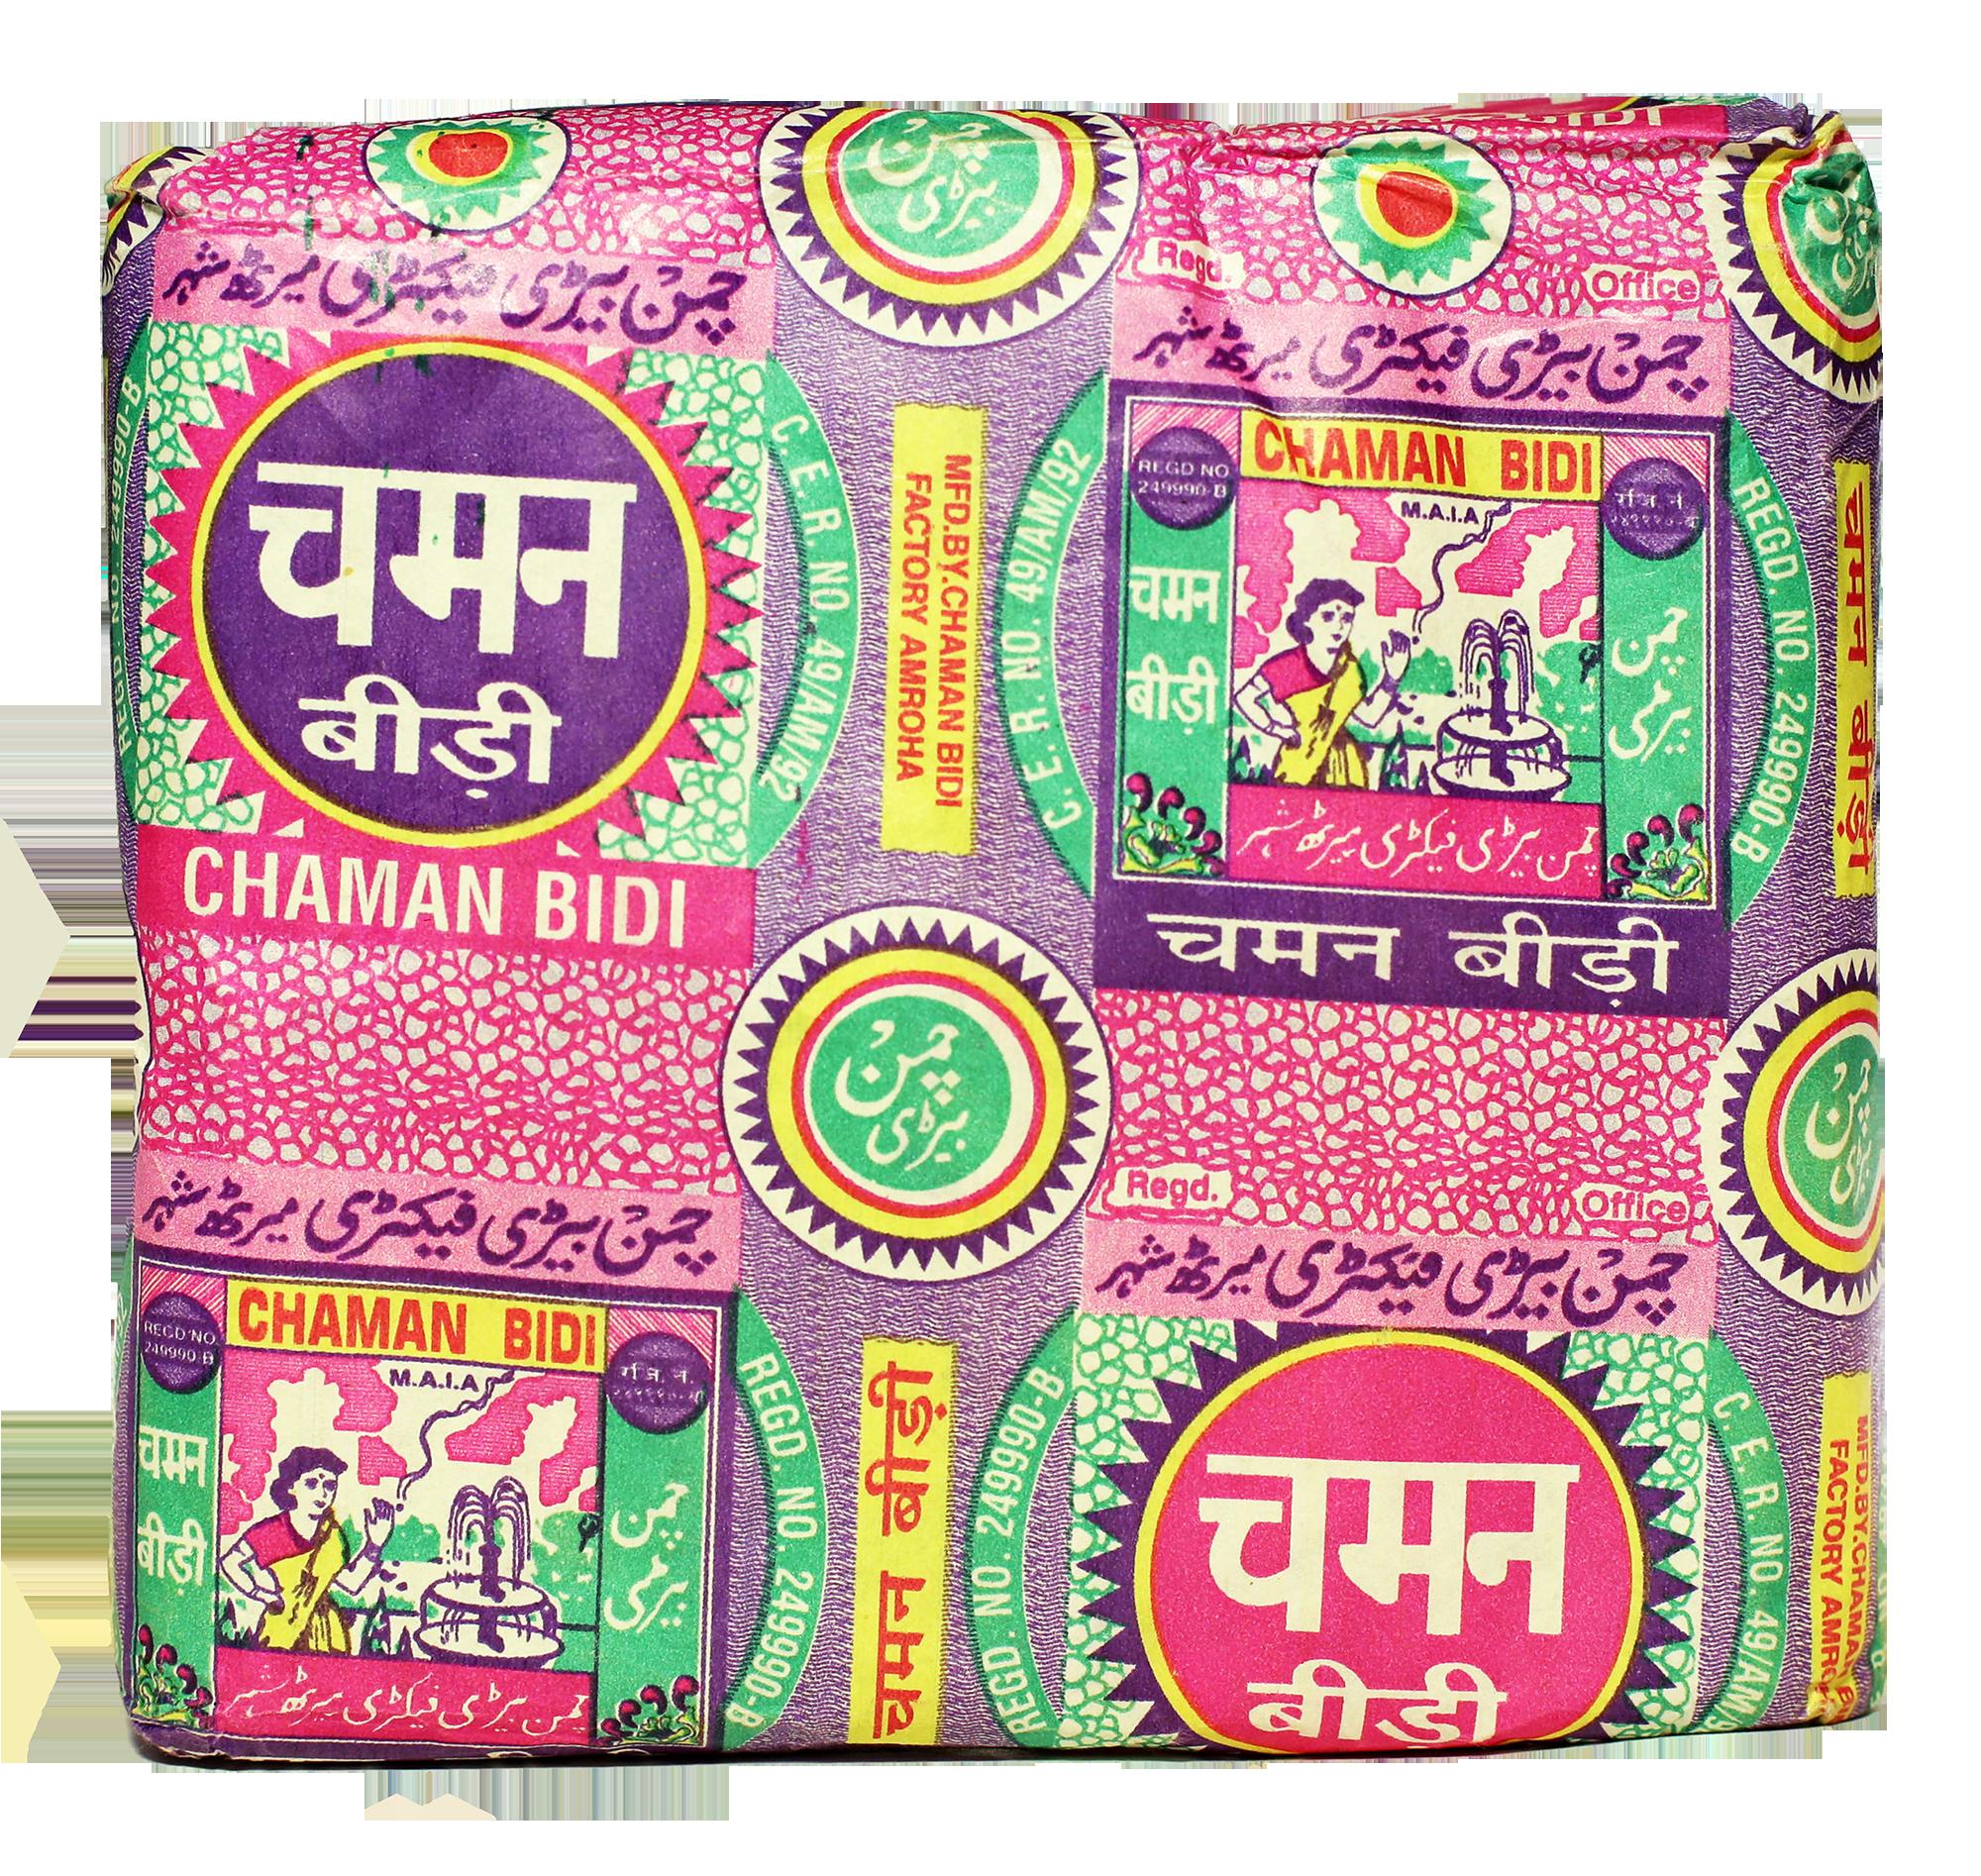 Chaman Bidi Products